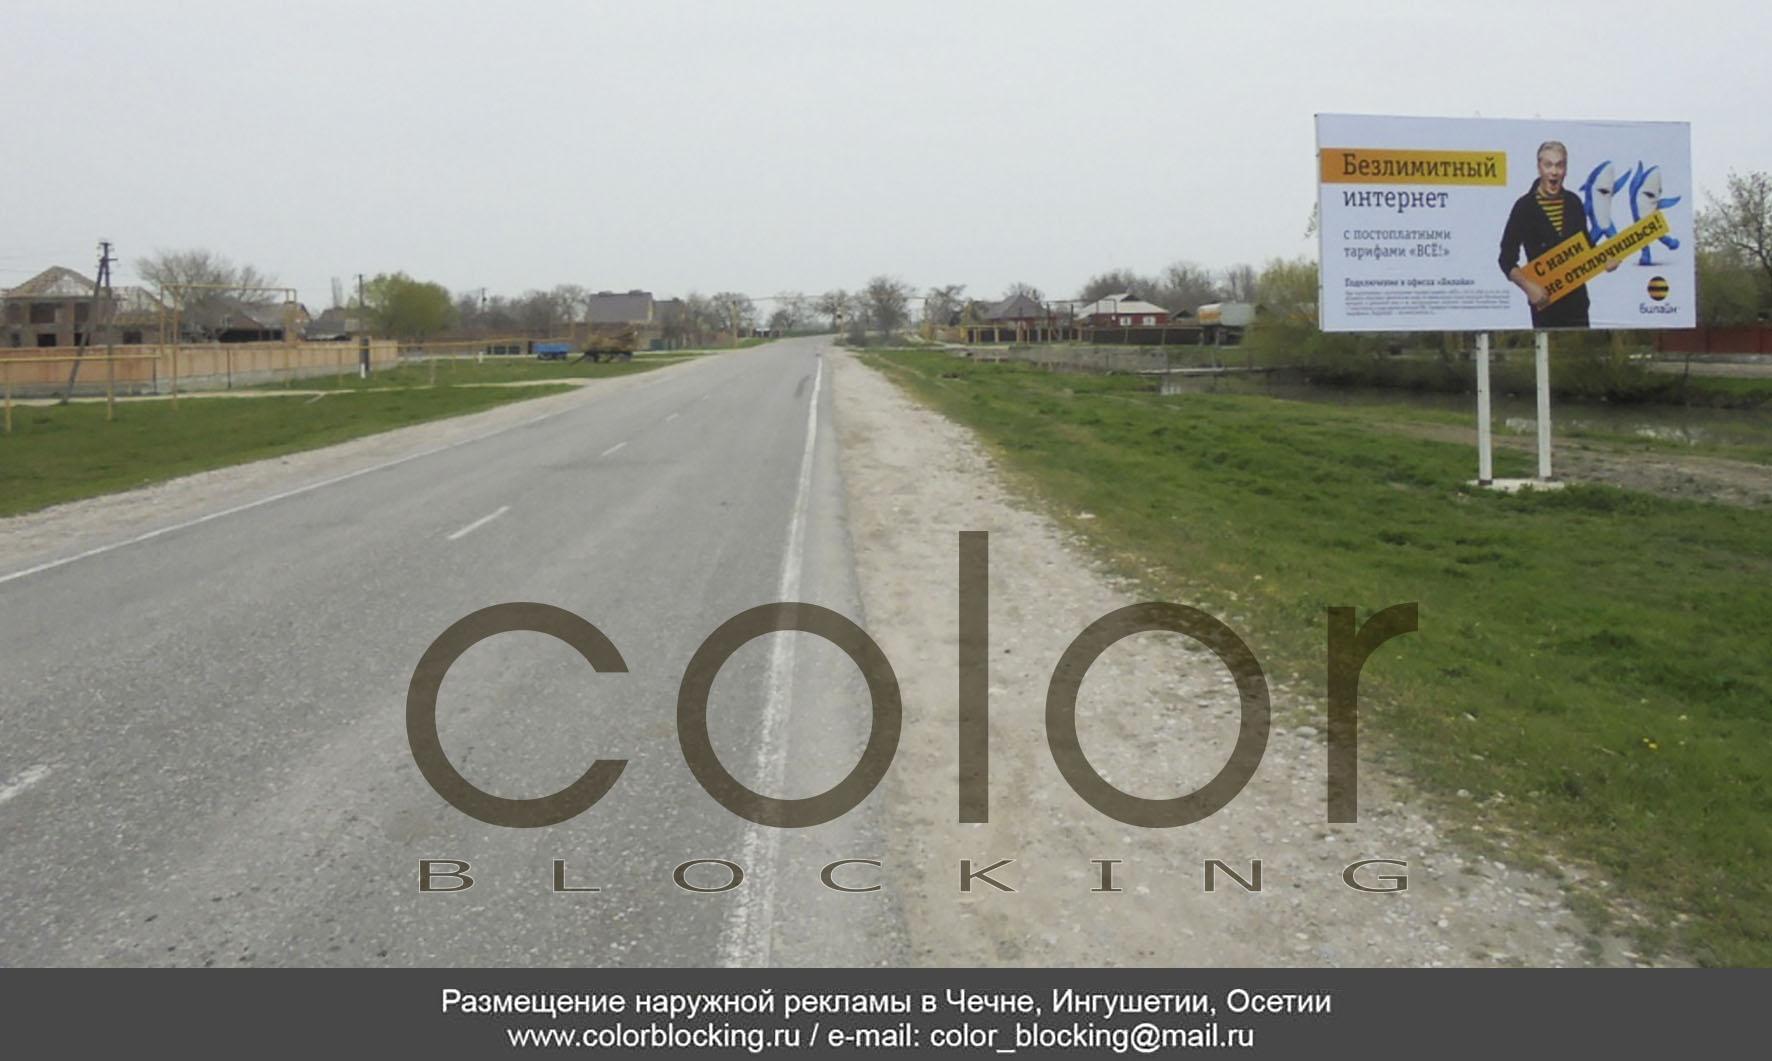 Наружная реклама в населенных пунктах Чечни Старогладовск